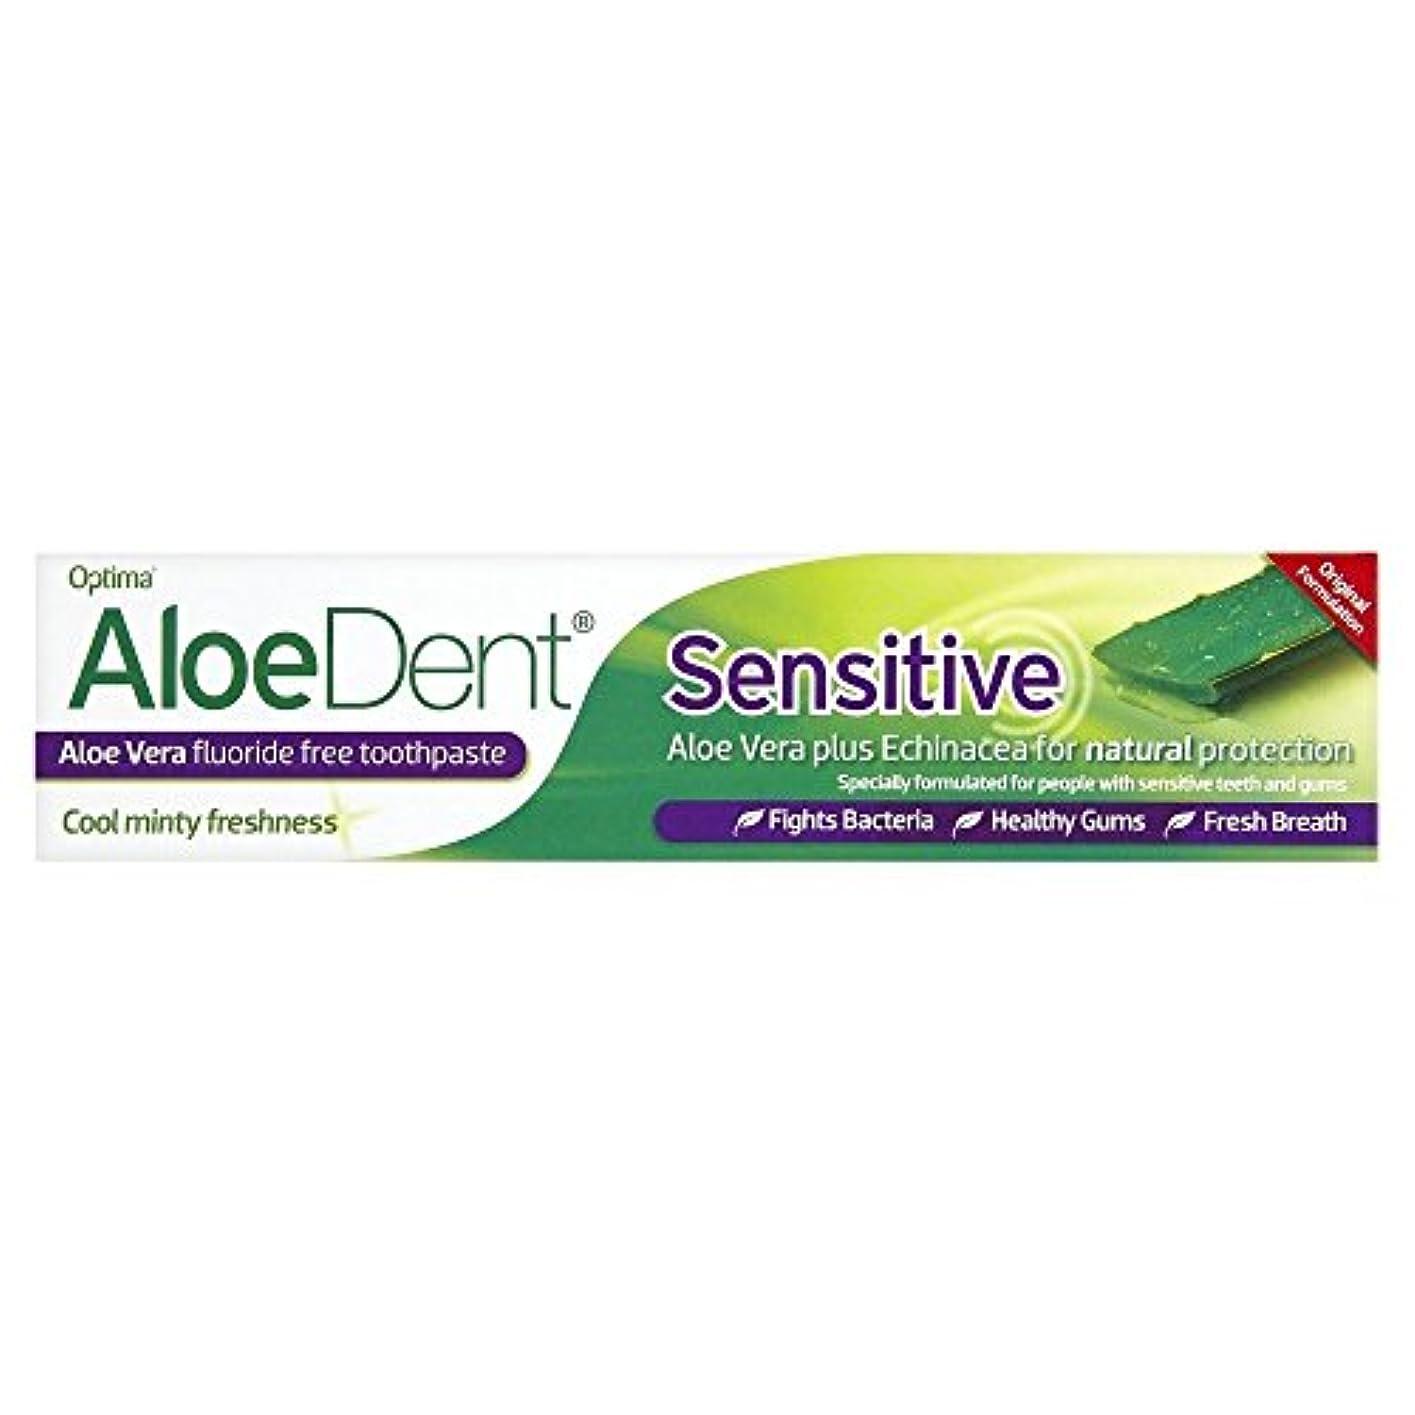 コロニーストロークマークAloeDent 100 ml Sensitive Aloe Vera Fluoride Free Toothpaste by Aloe Dent